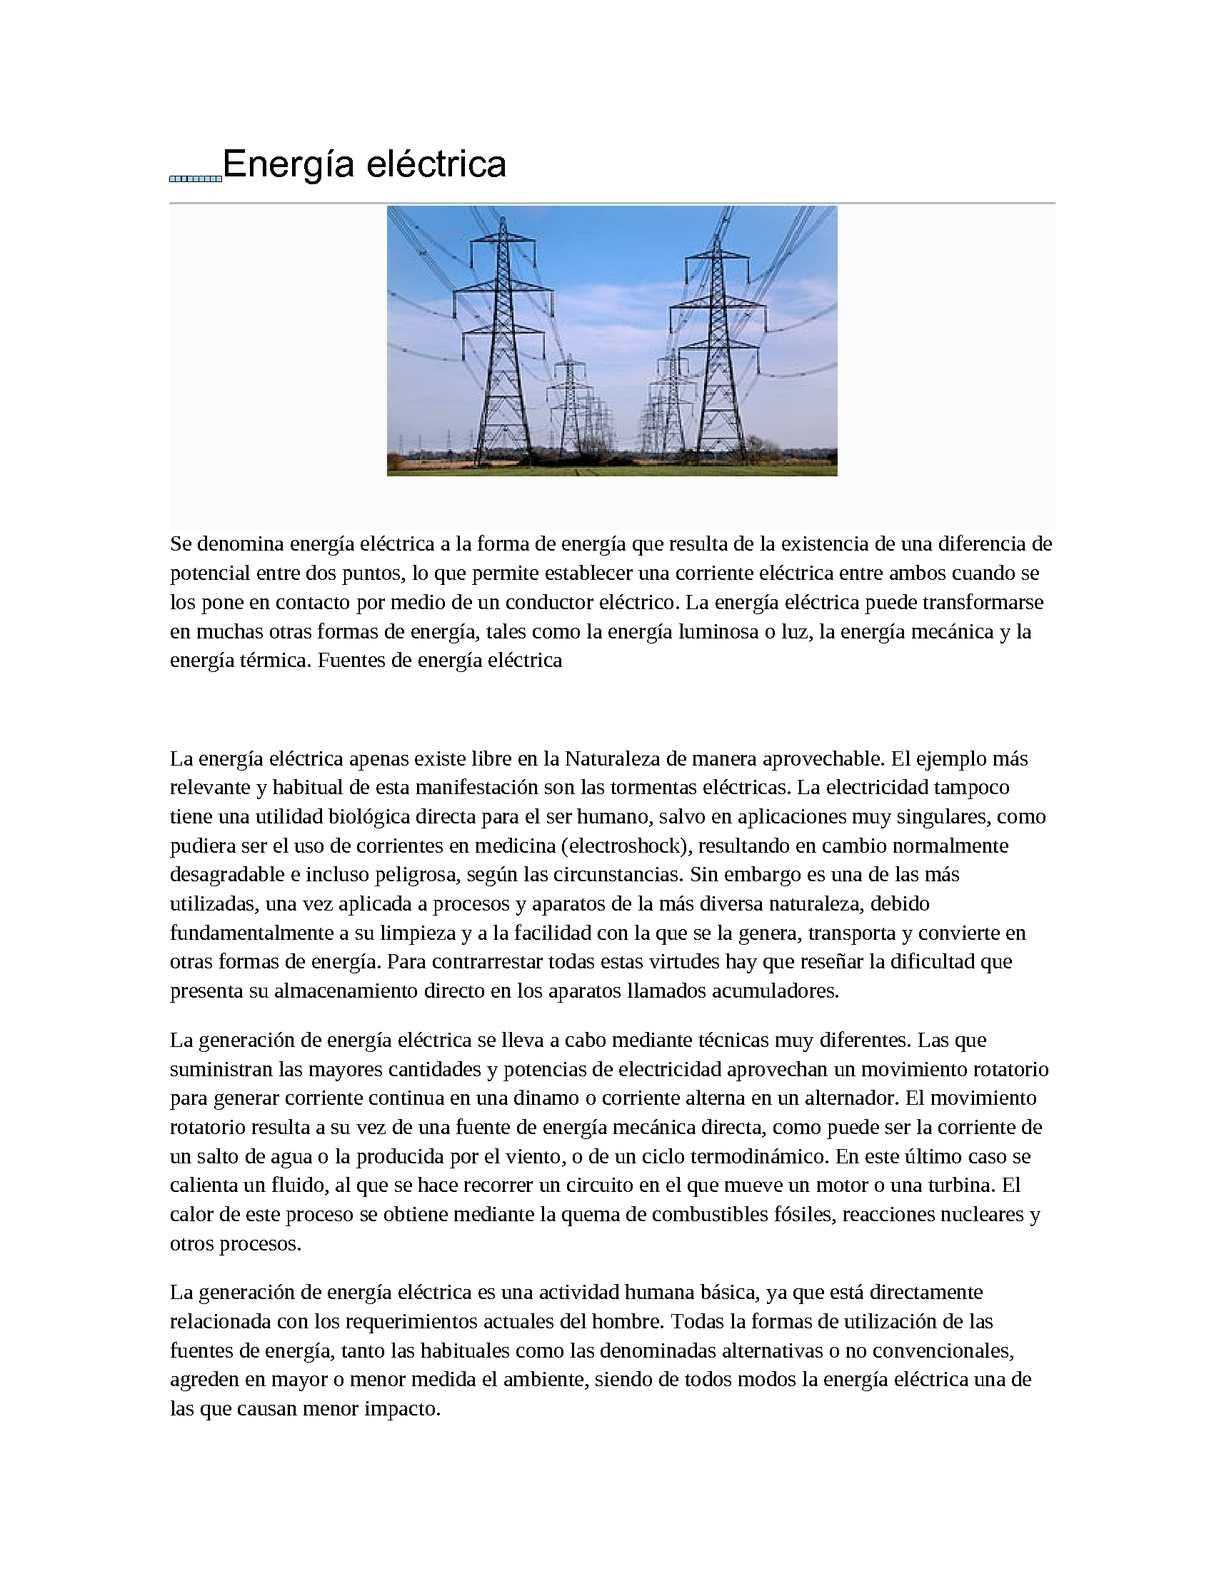 Circuito Que Recorre La Electricidad Desde Su Generación Hasta Su Consumo : Calaméo energia electrica